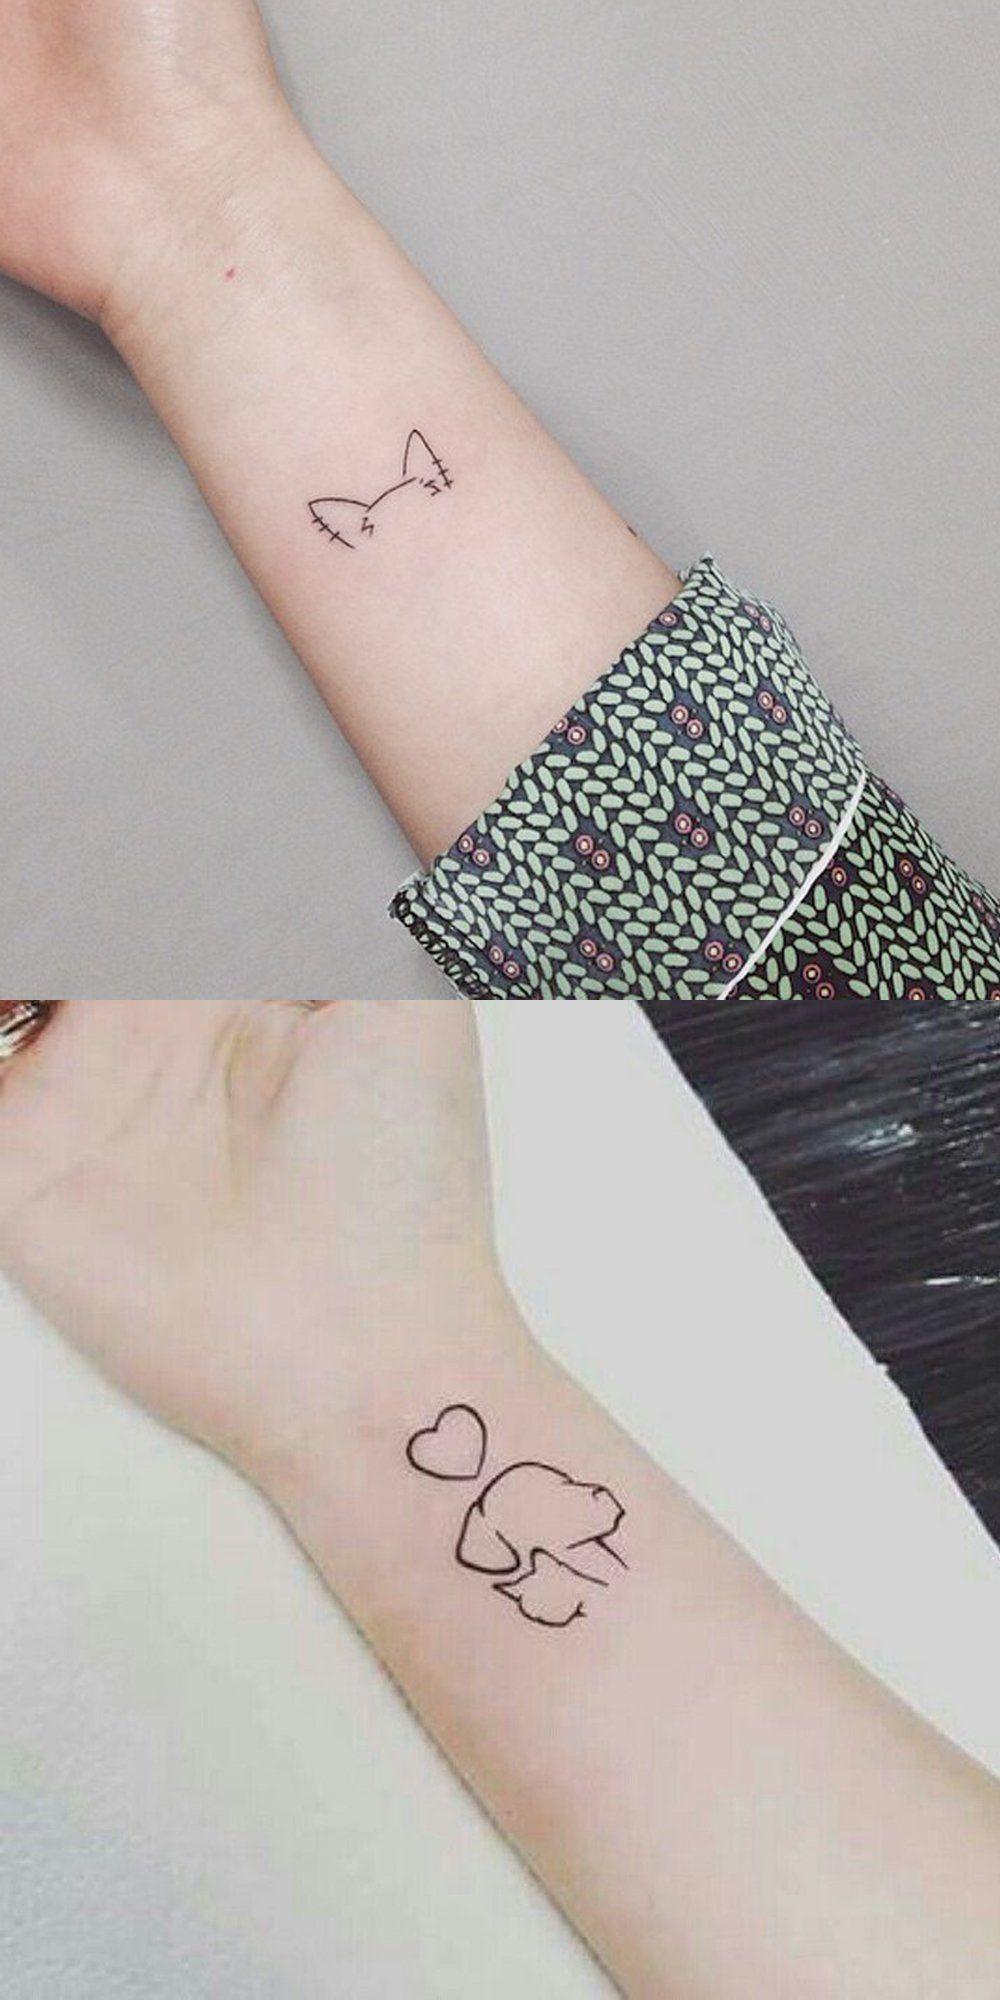 Ocean themed small tattoo tattoo ocean wave palmtree